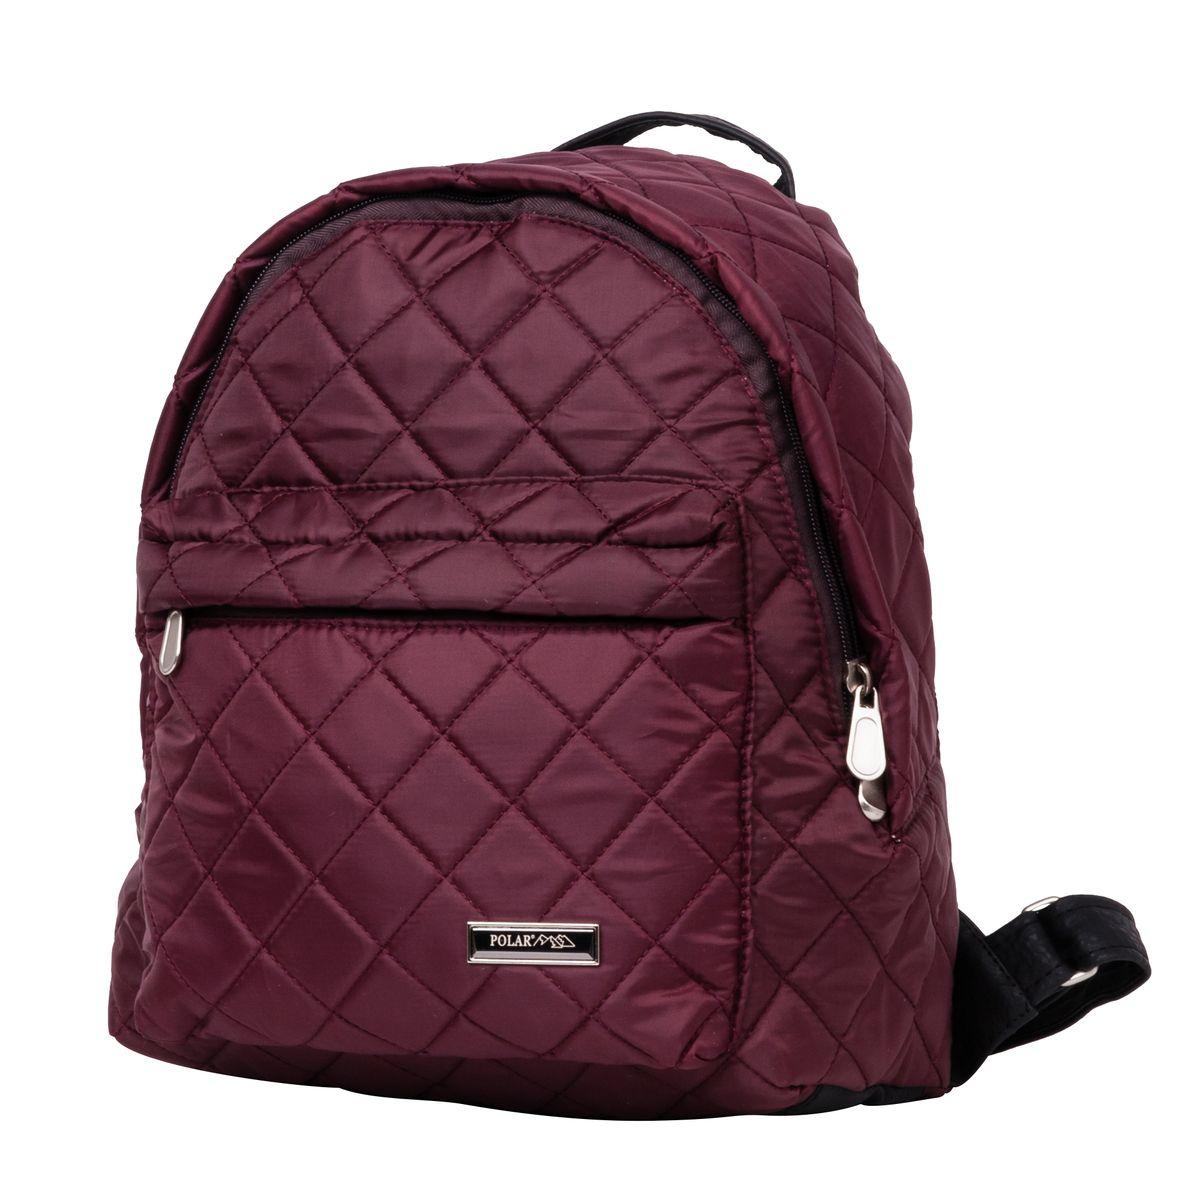 Рюкзак городской Polar, цвет: бордовый, 16 л. п7074-14 рюкзак городской polar цвет синий 16 л п7074 04 page 3